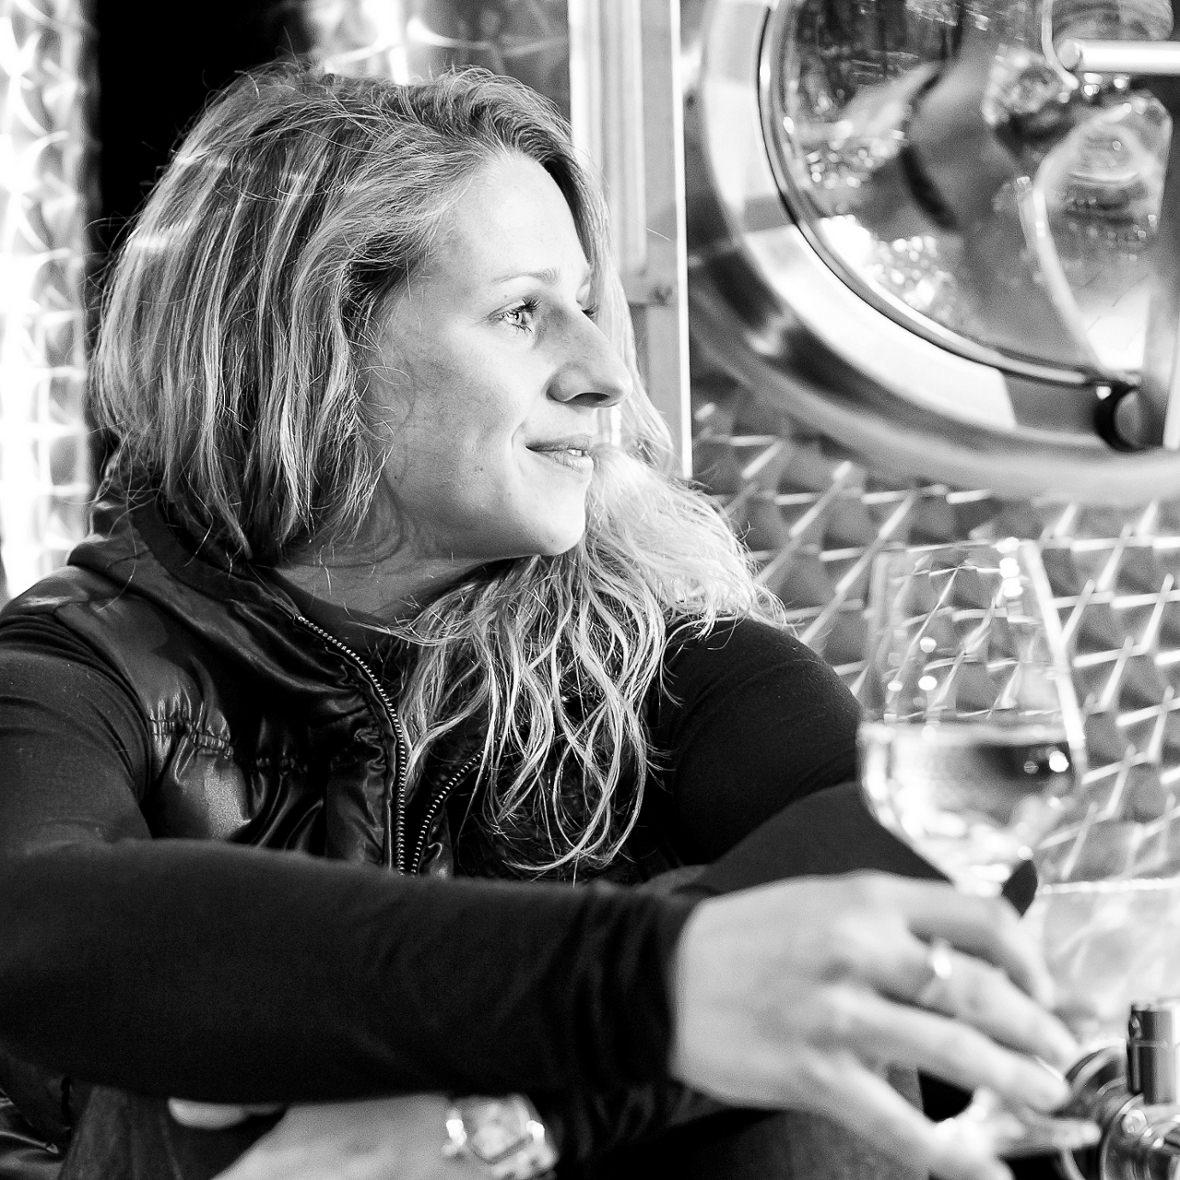 Jungwinzerin Christiane Koebernik vom Weingut Emmerich-Koebernik in Waldboeckelheim an der Nahe